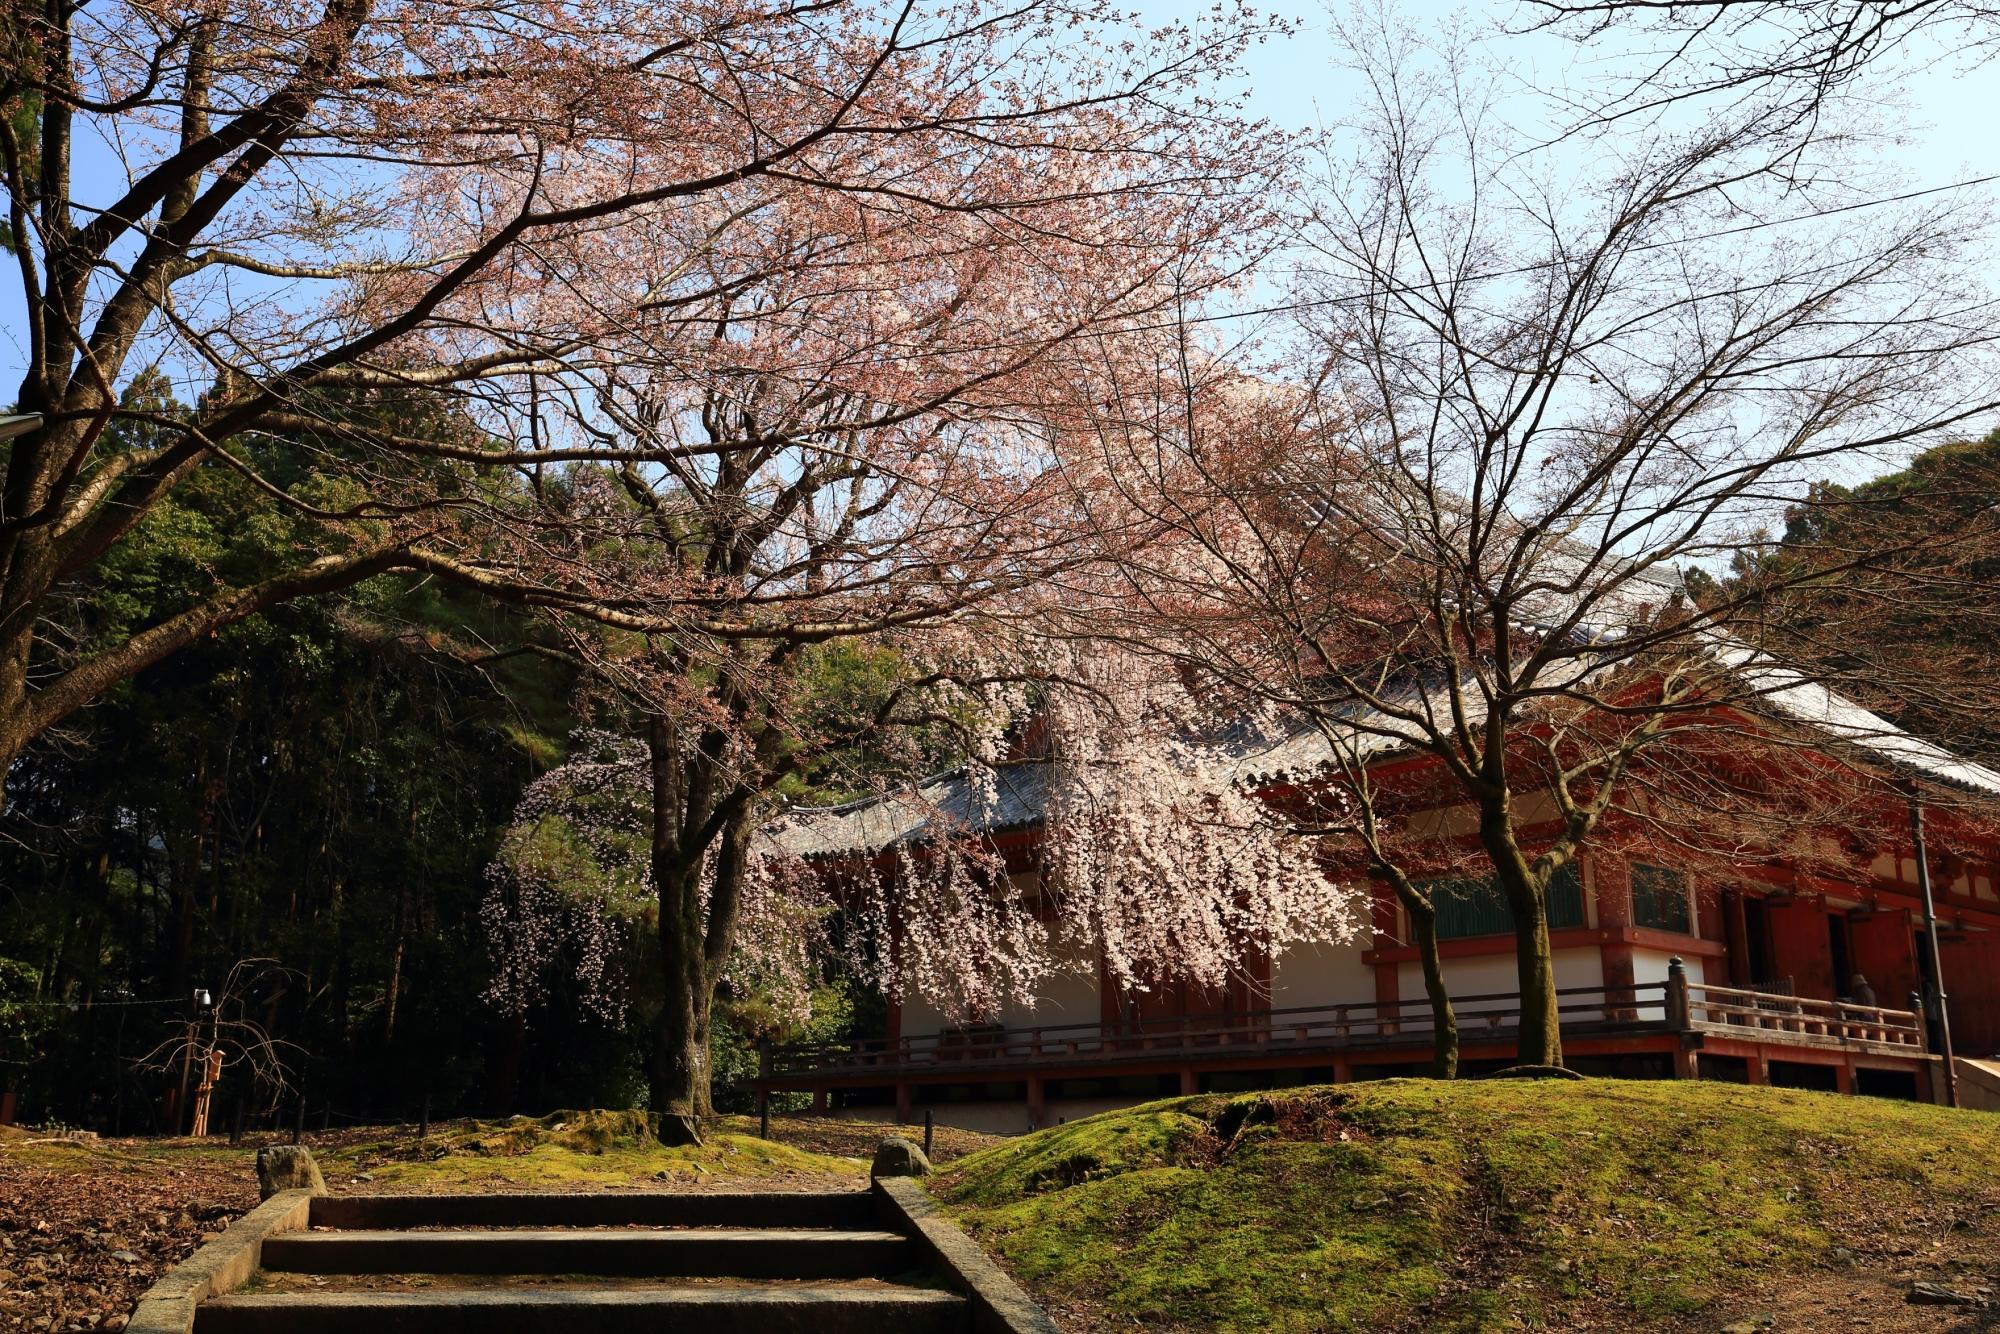 いろんな場所や角度から眺められる金堂横のしだれ桜